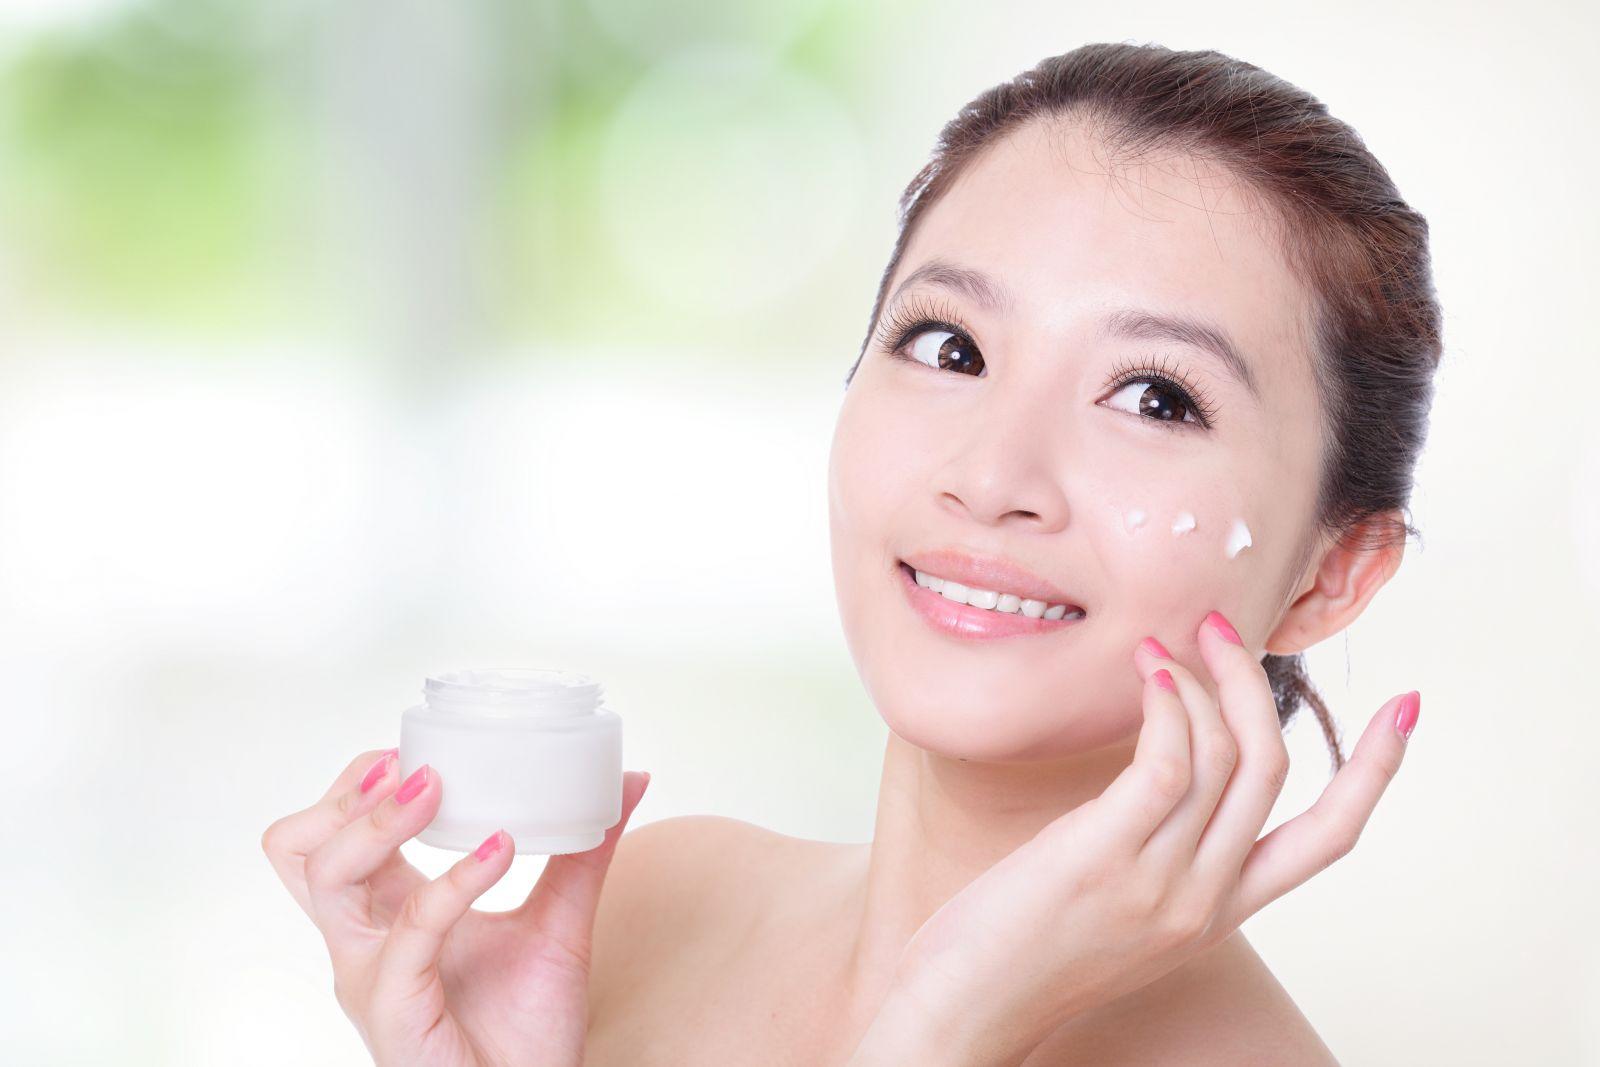 Lớp kem lót là cần thiết để bảo vệ làn da khi trang điểm với phấn nước